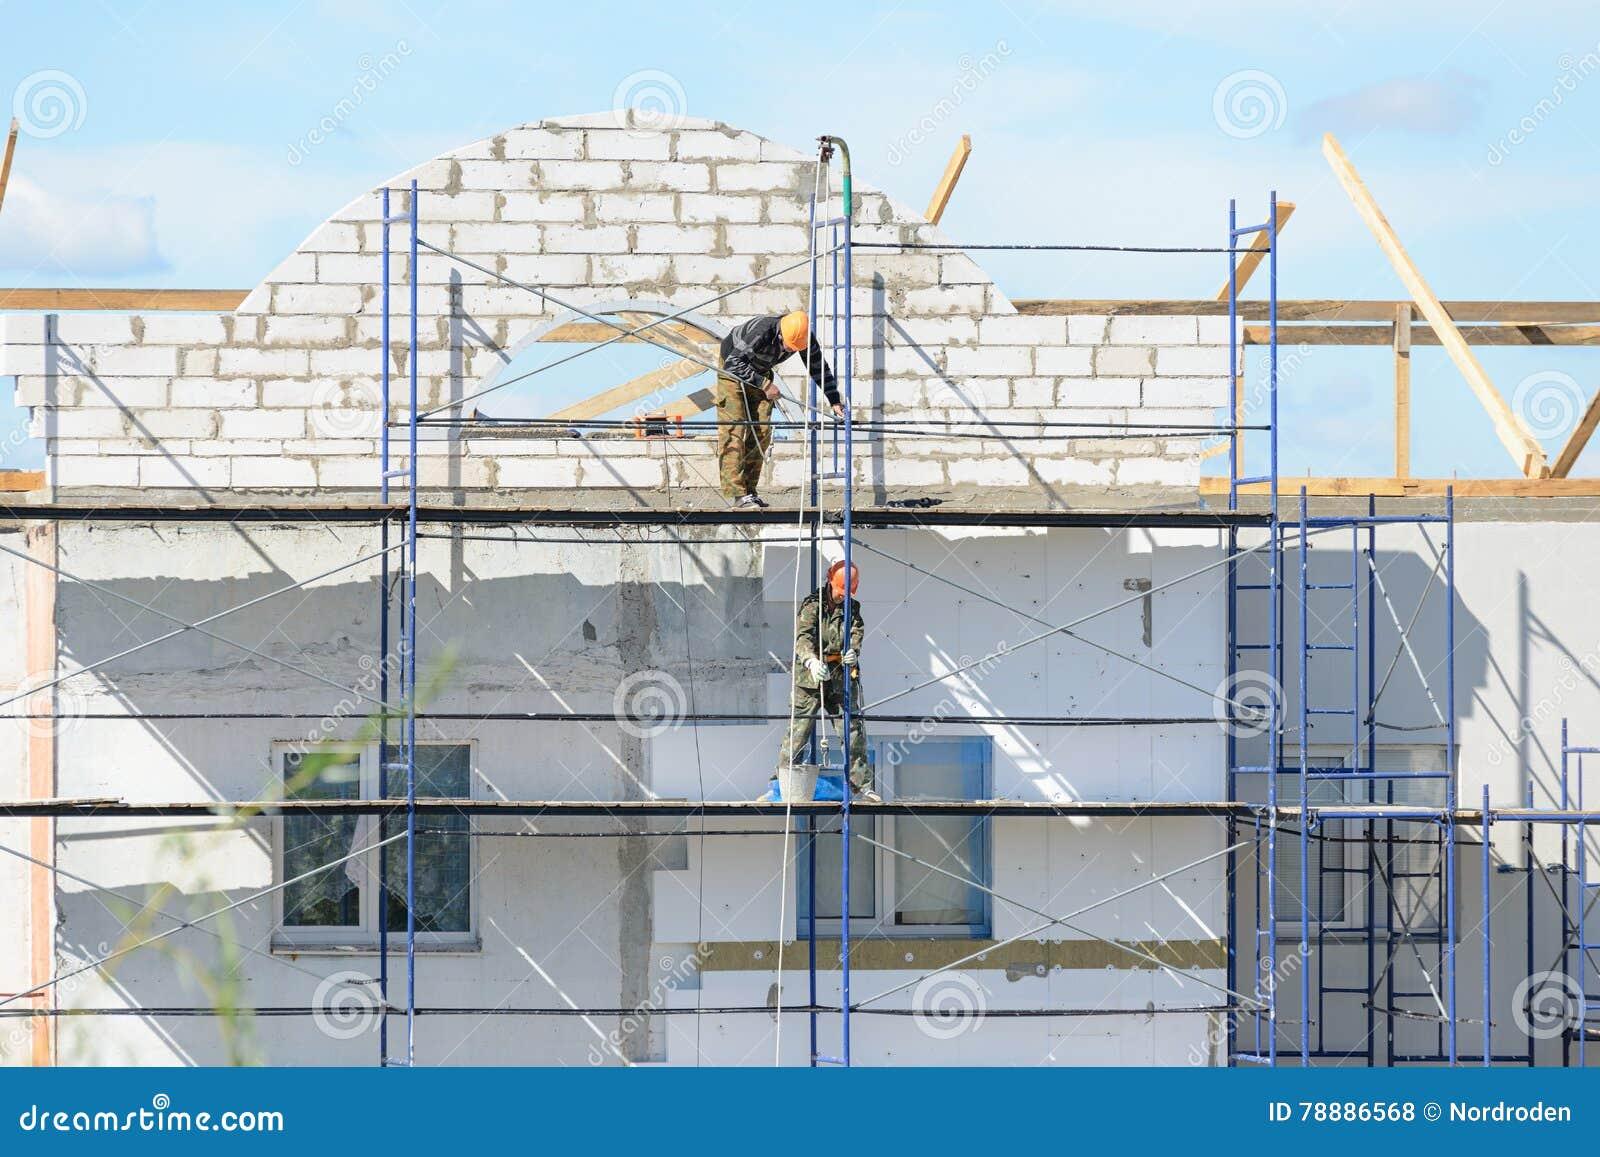 Οι οικοδόμοι εργαζομένων ανυψώνουν τα οικοδομικά υλικά στα υλικά σκαλωσιάς